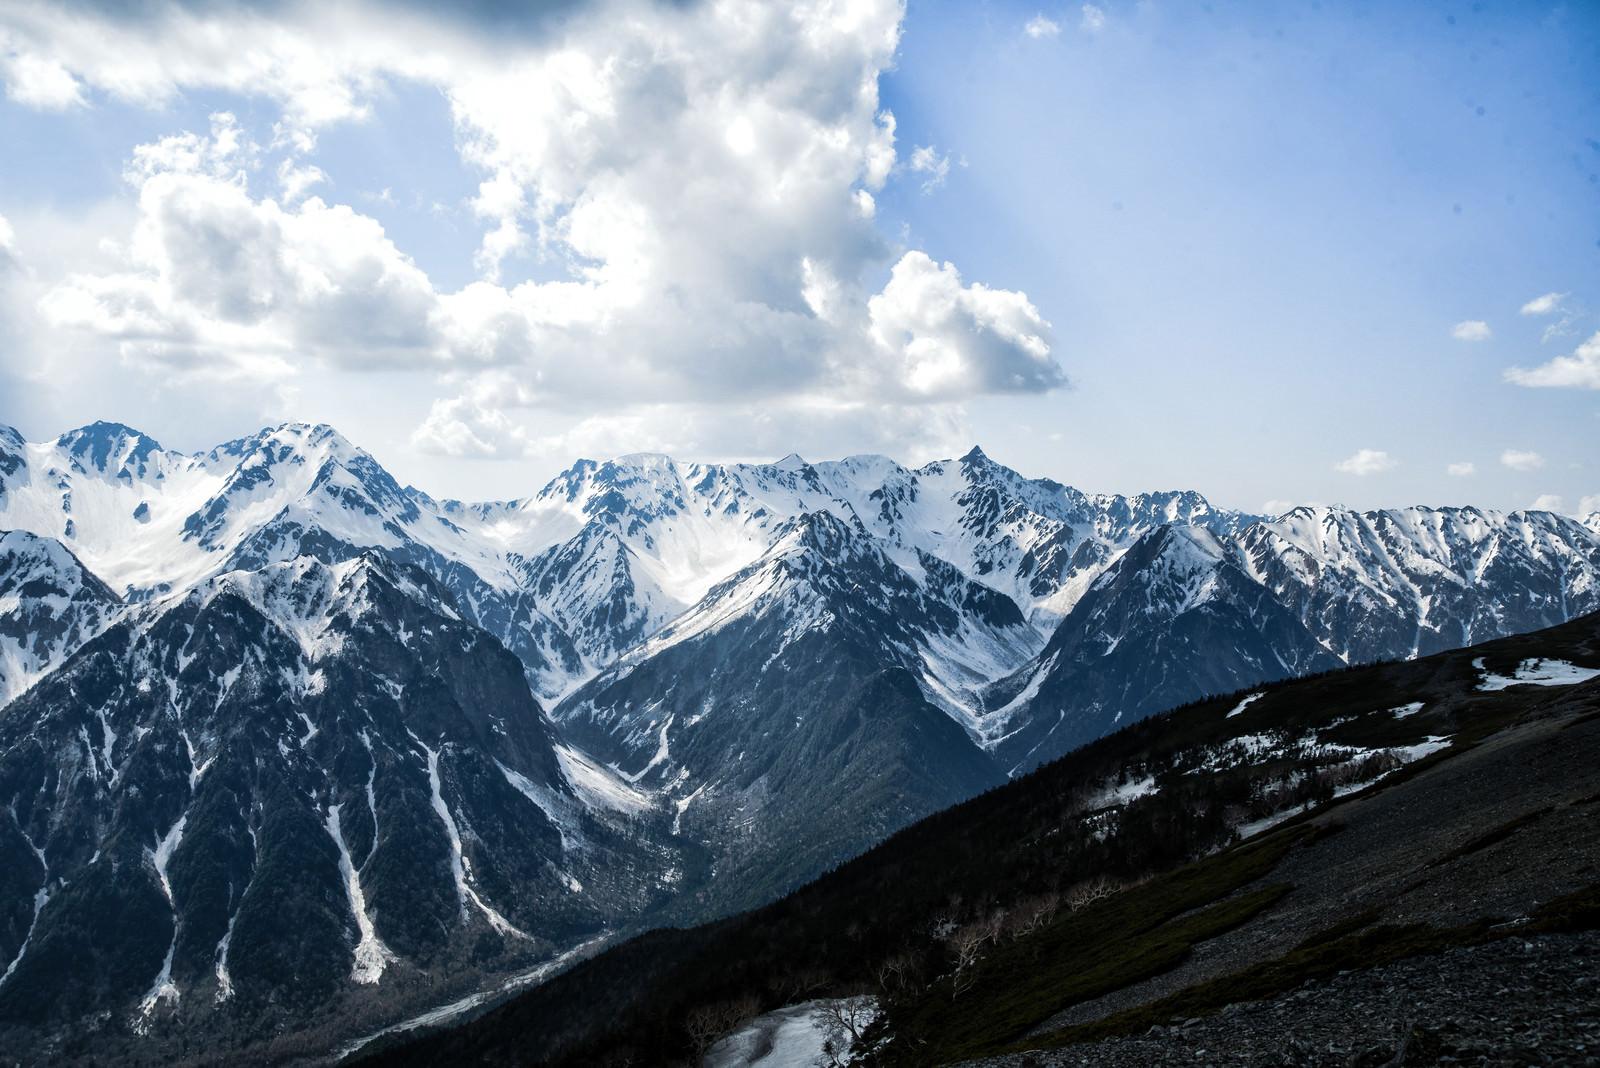 「蝶ヶ岳から望む残雪の槍ヶ岳(飛騨山脈)」の写真